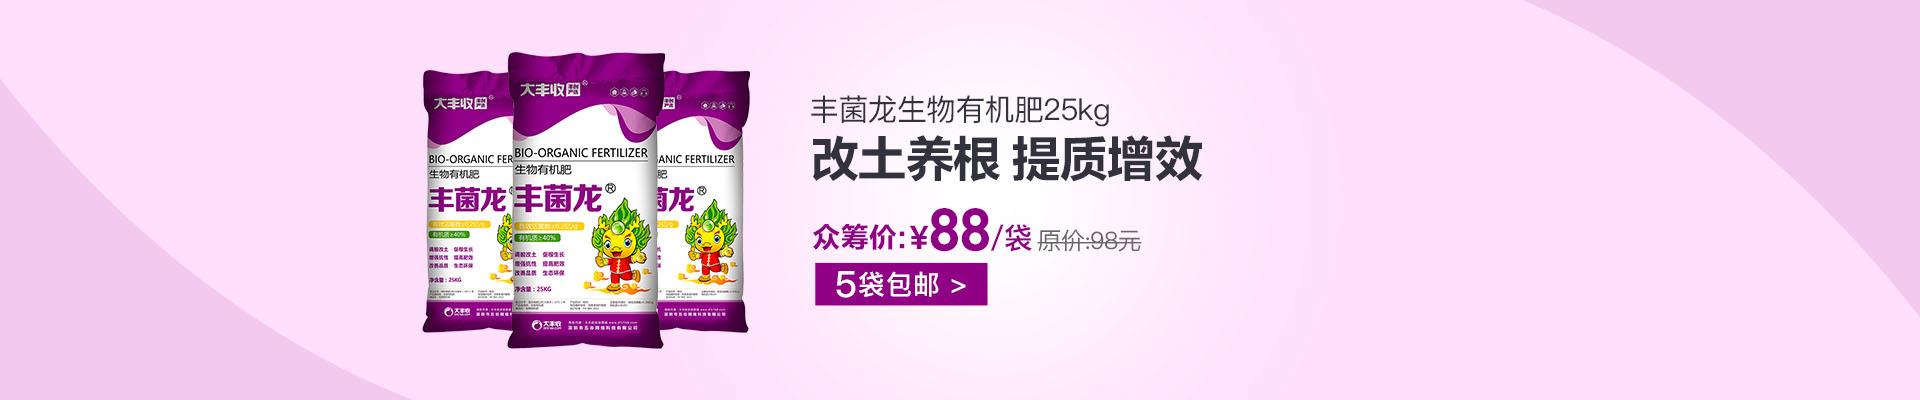 【7月】众筹-丰菌龙生物有机肥25kg